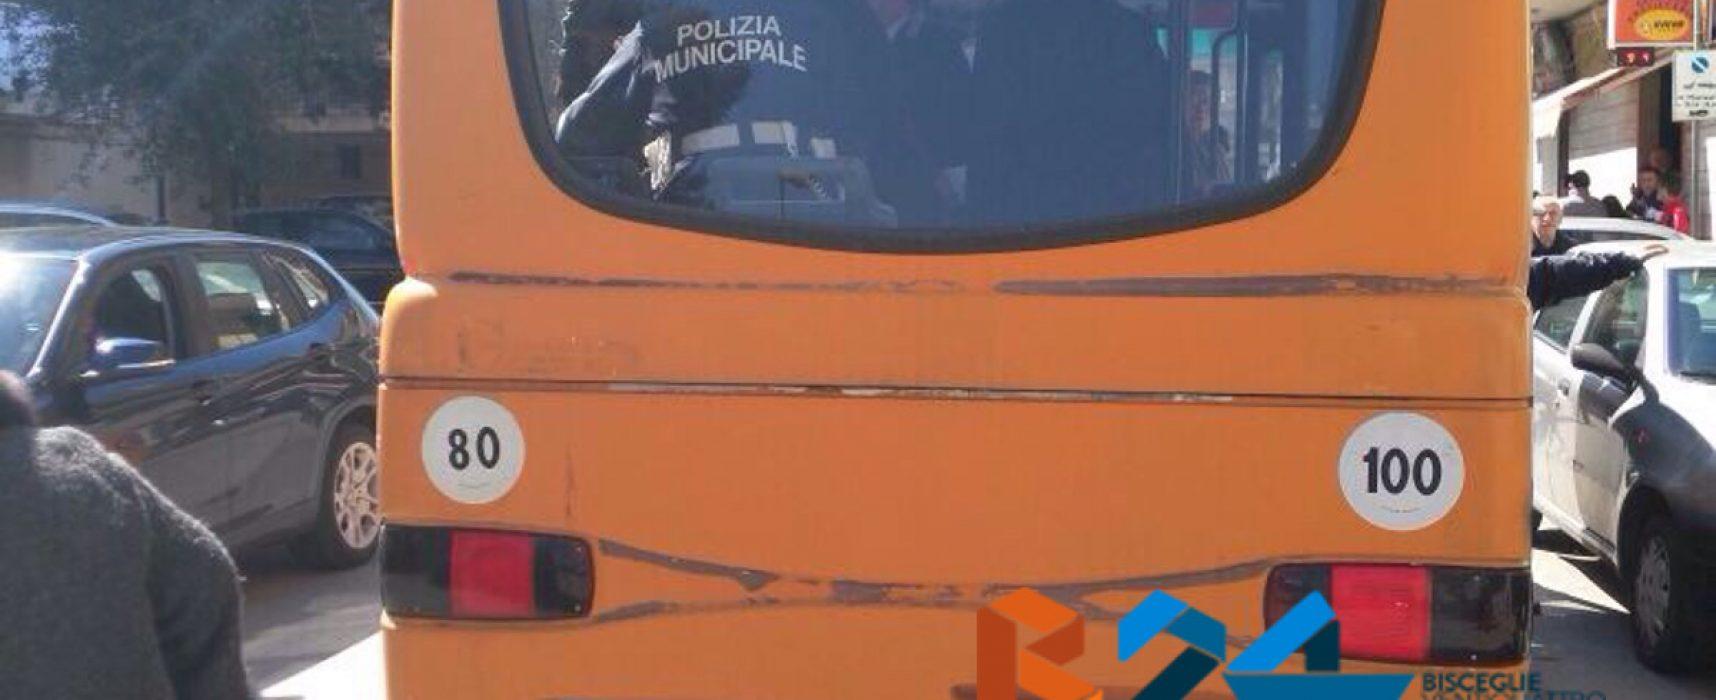 Servizio bus navetta gratuito per raggiungere la litoranea dal 21 giugno al 27 agosto / ORARI